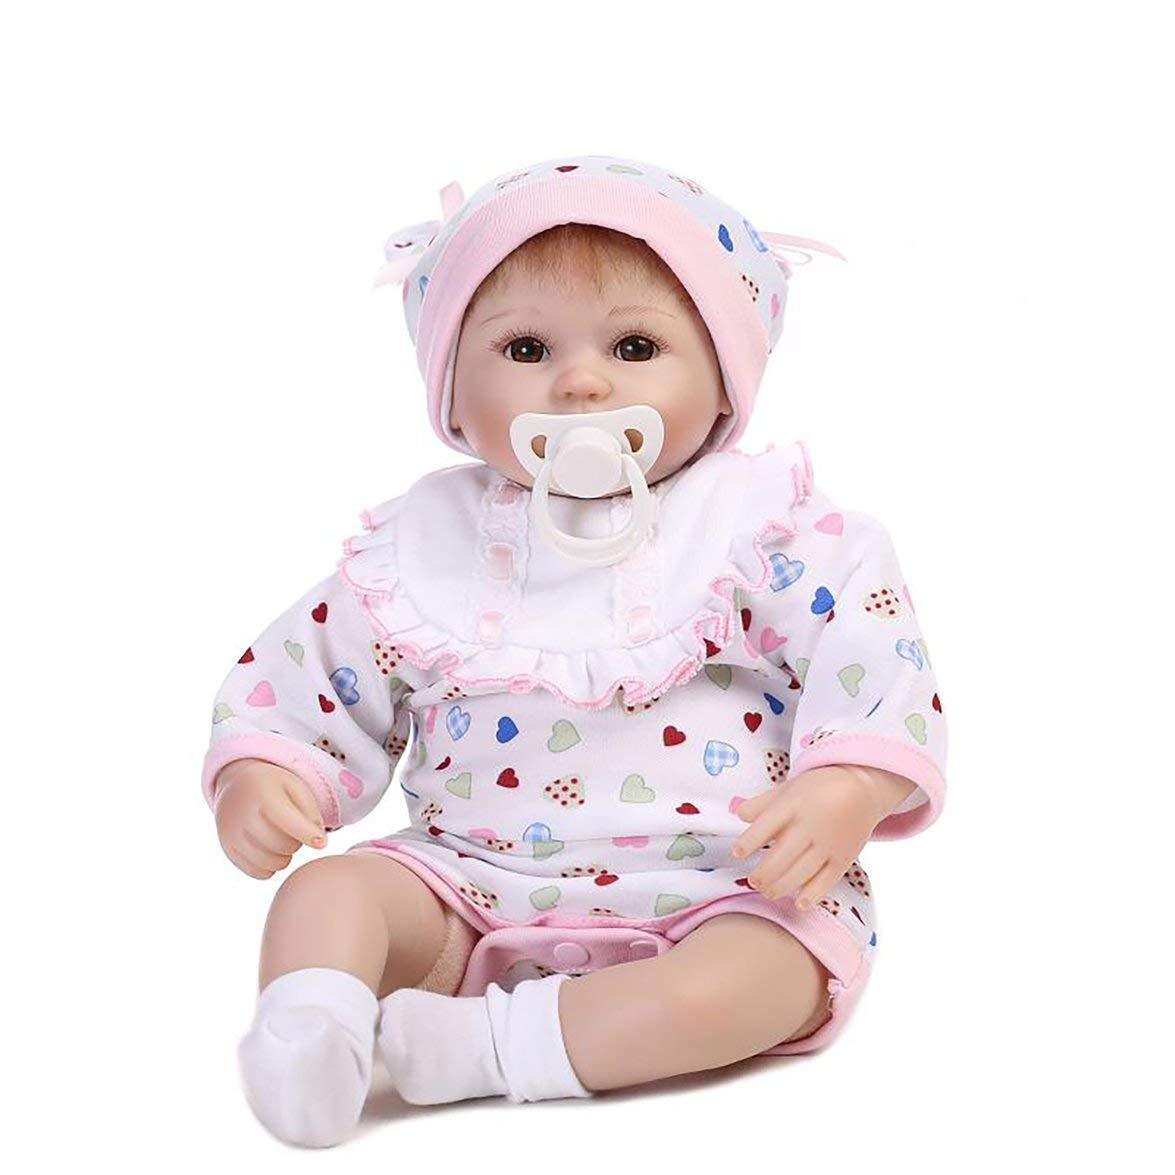 Kongqiabona 16 Zoll Offenen Augen Silikon Reborn Baby Puppe Spielzeug Mit Milchflasche Luxus Zubehör Prinzessin Puppen Schöne